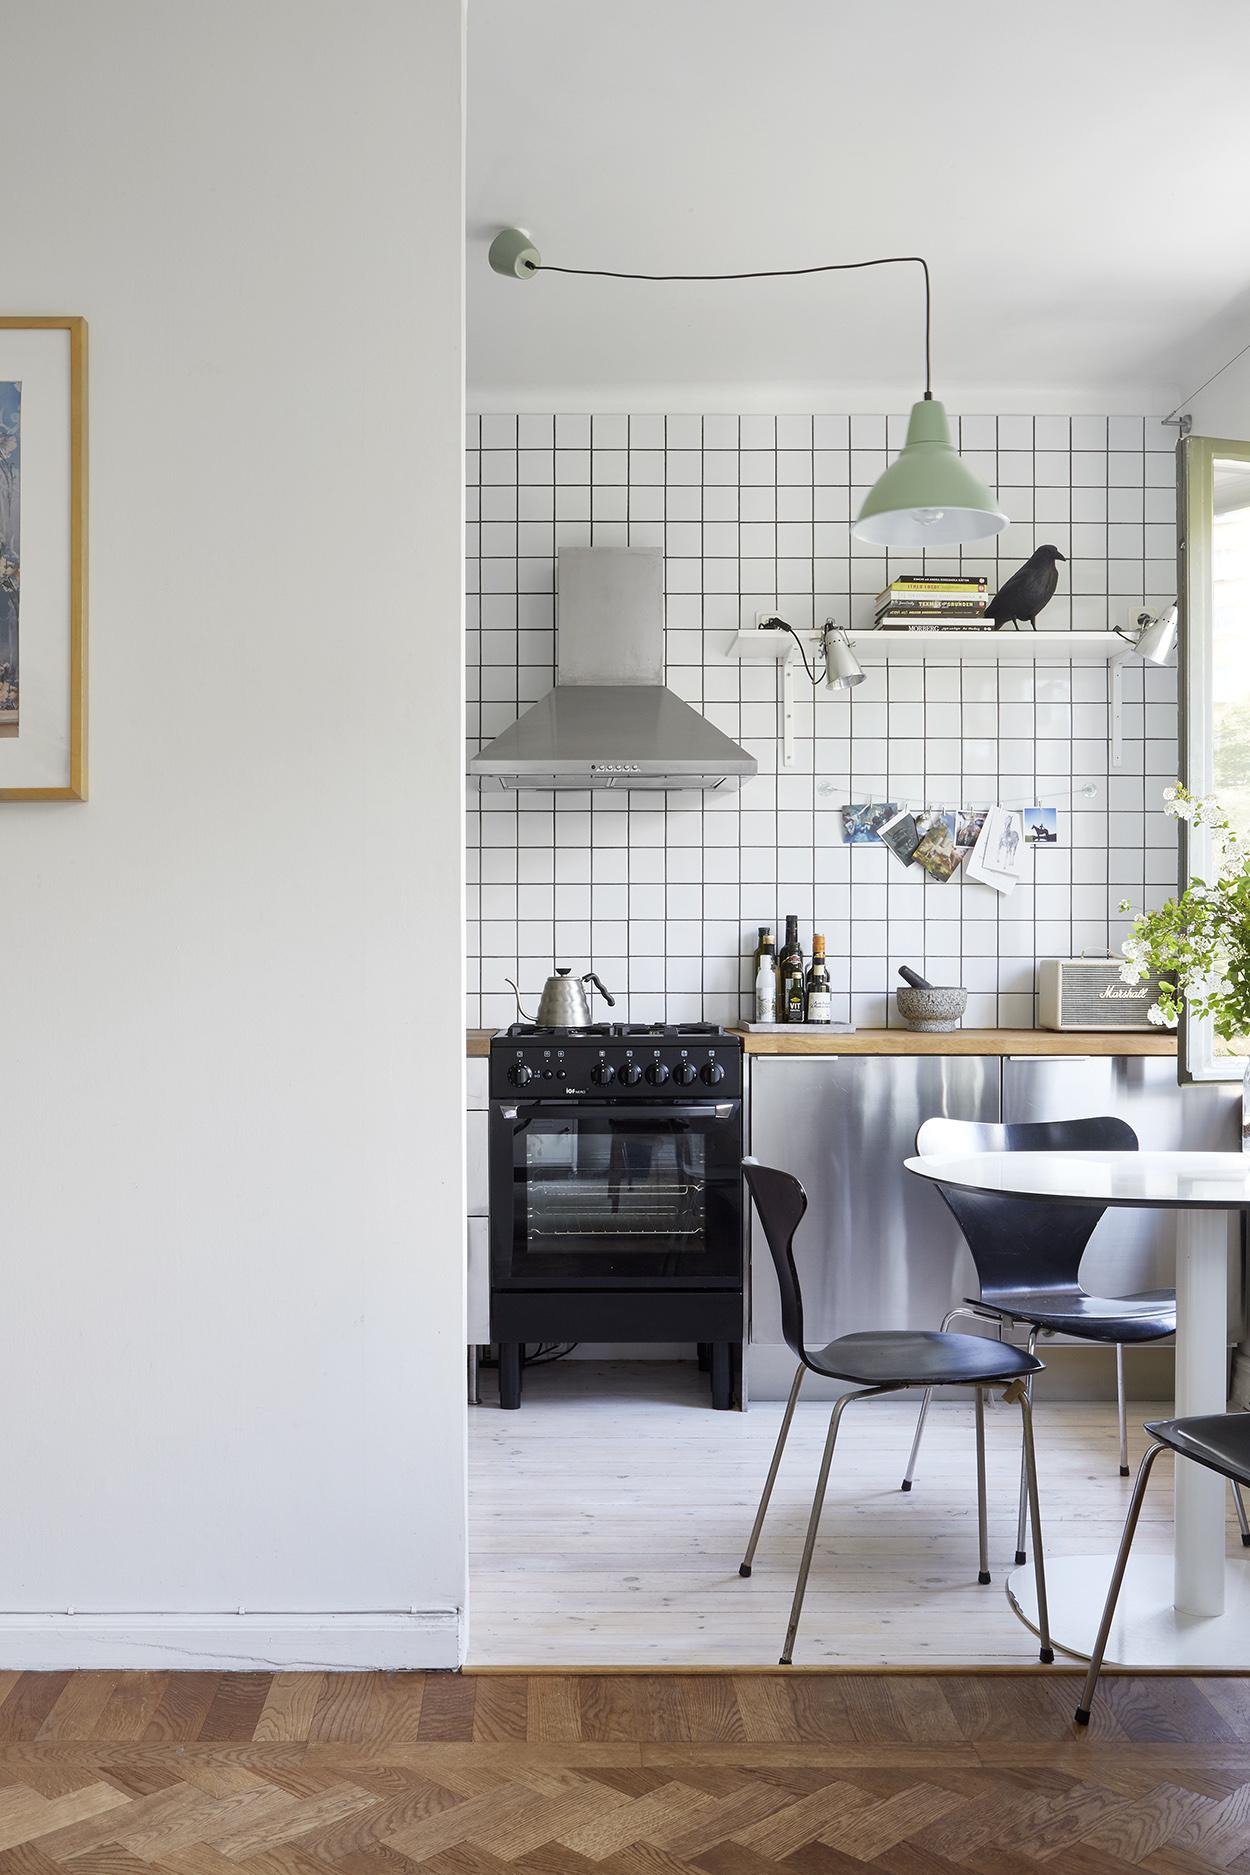 Open Keuken Ideeen.Kleine Half Open Keuken Van Appartement Van 38m2 Interieur